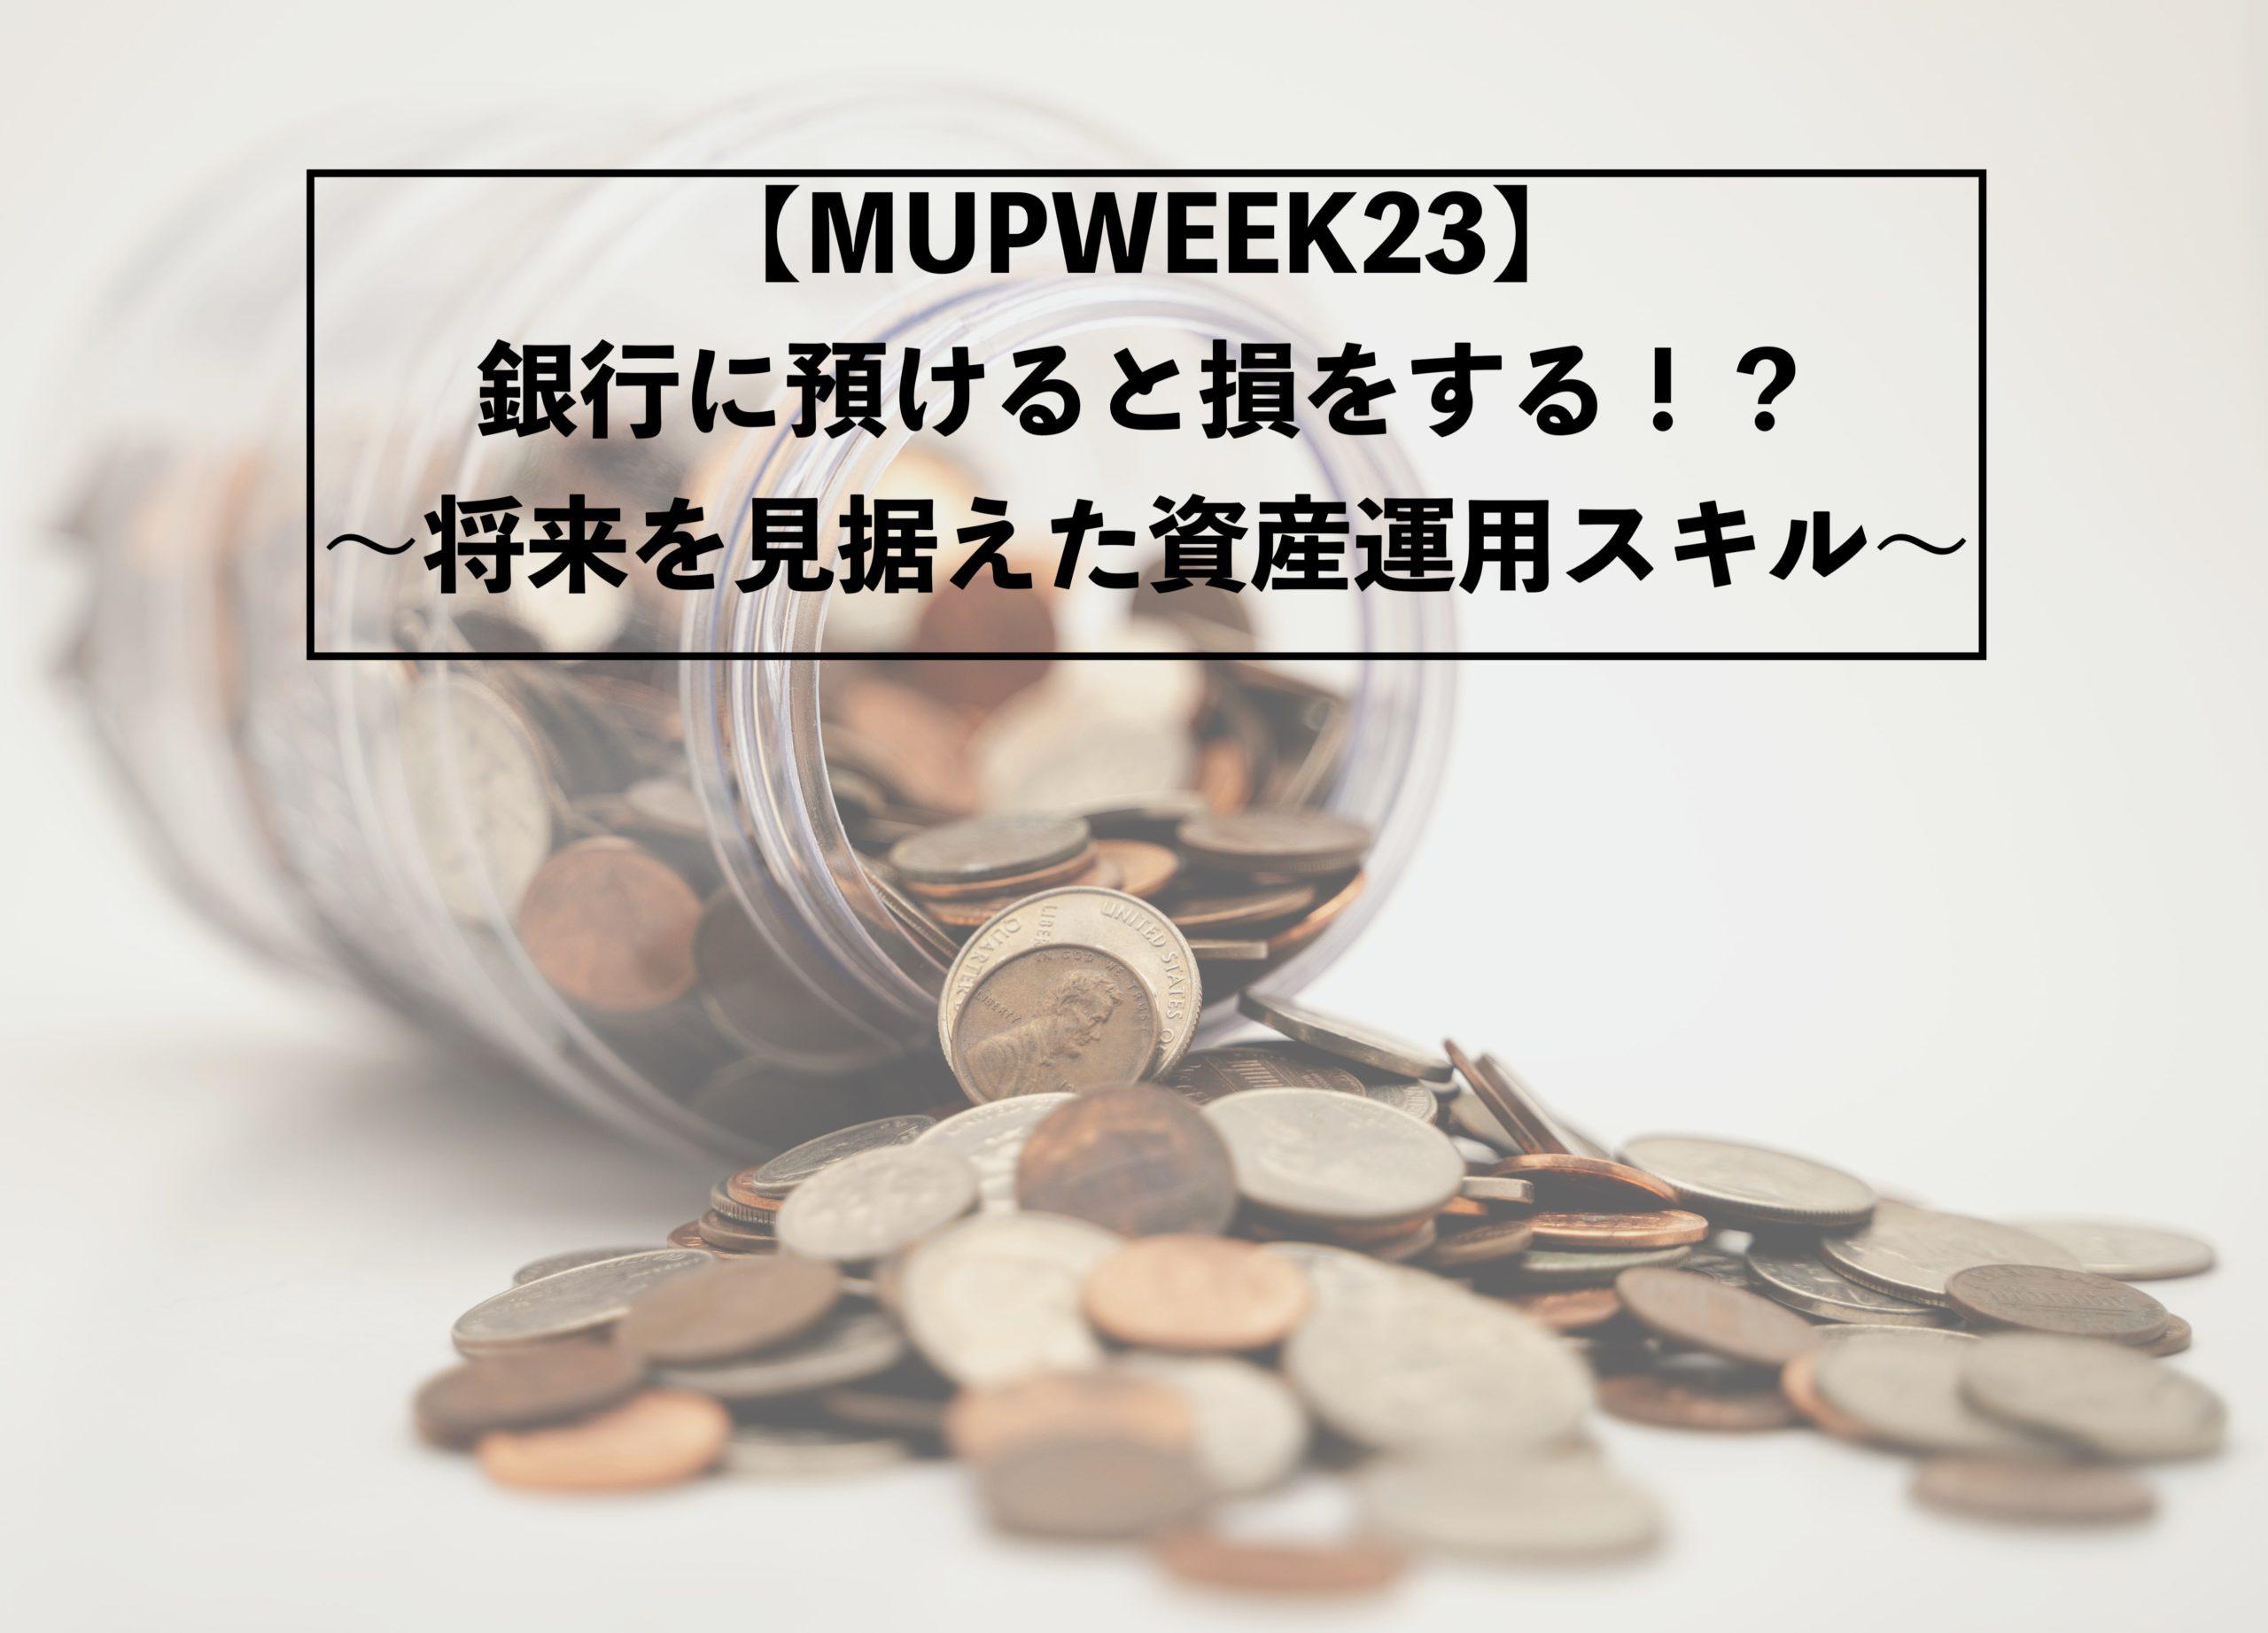 MUPWEEK23